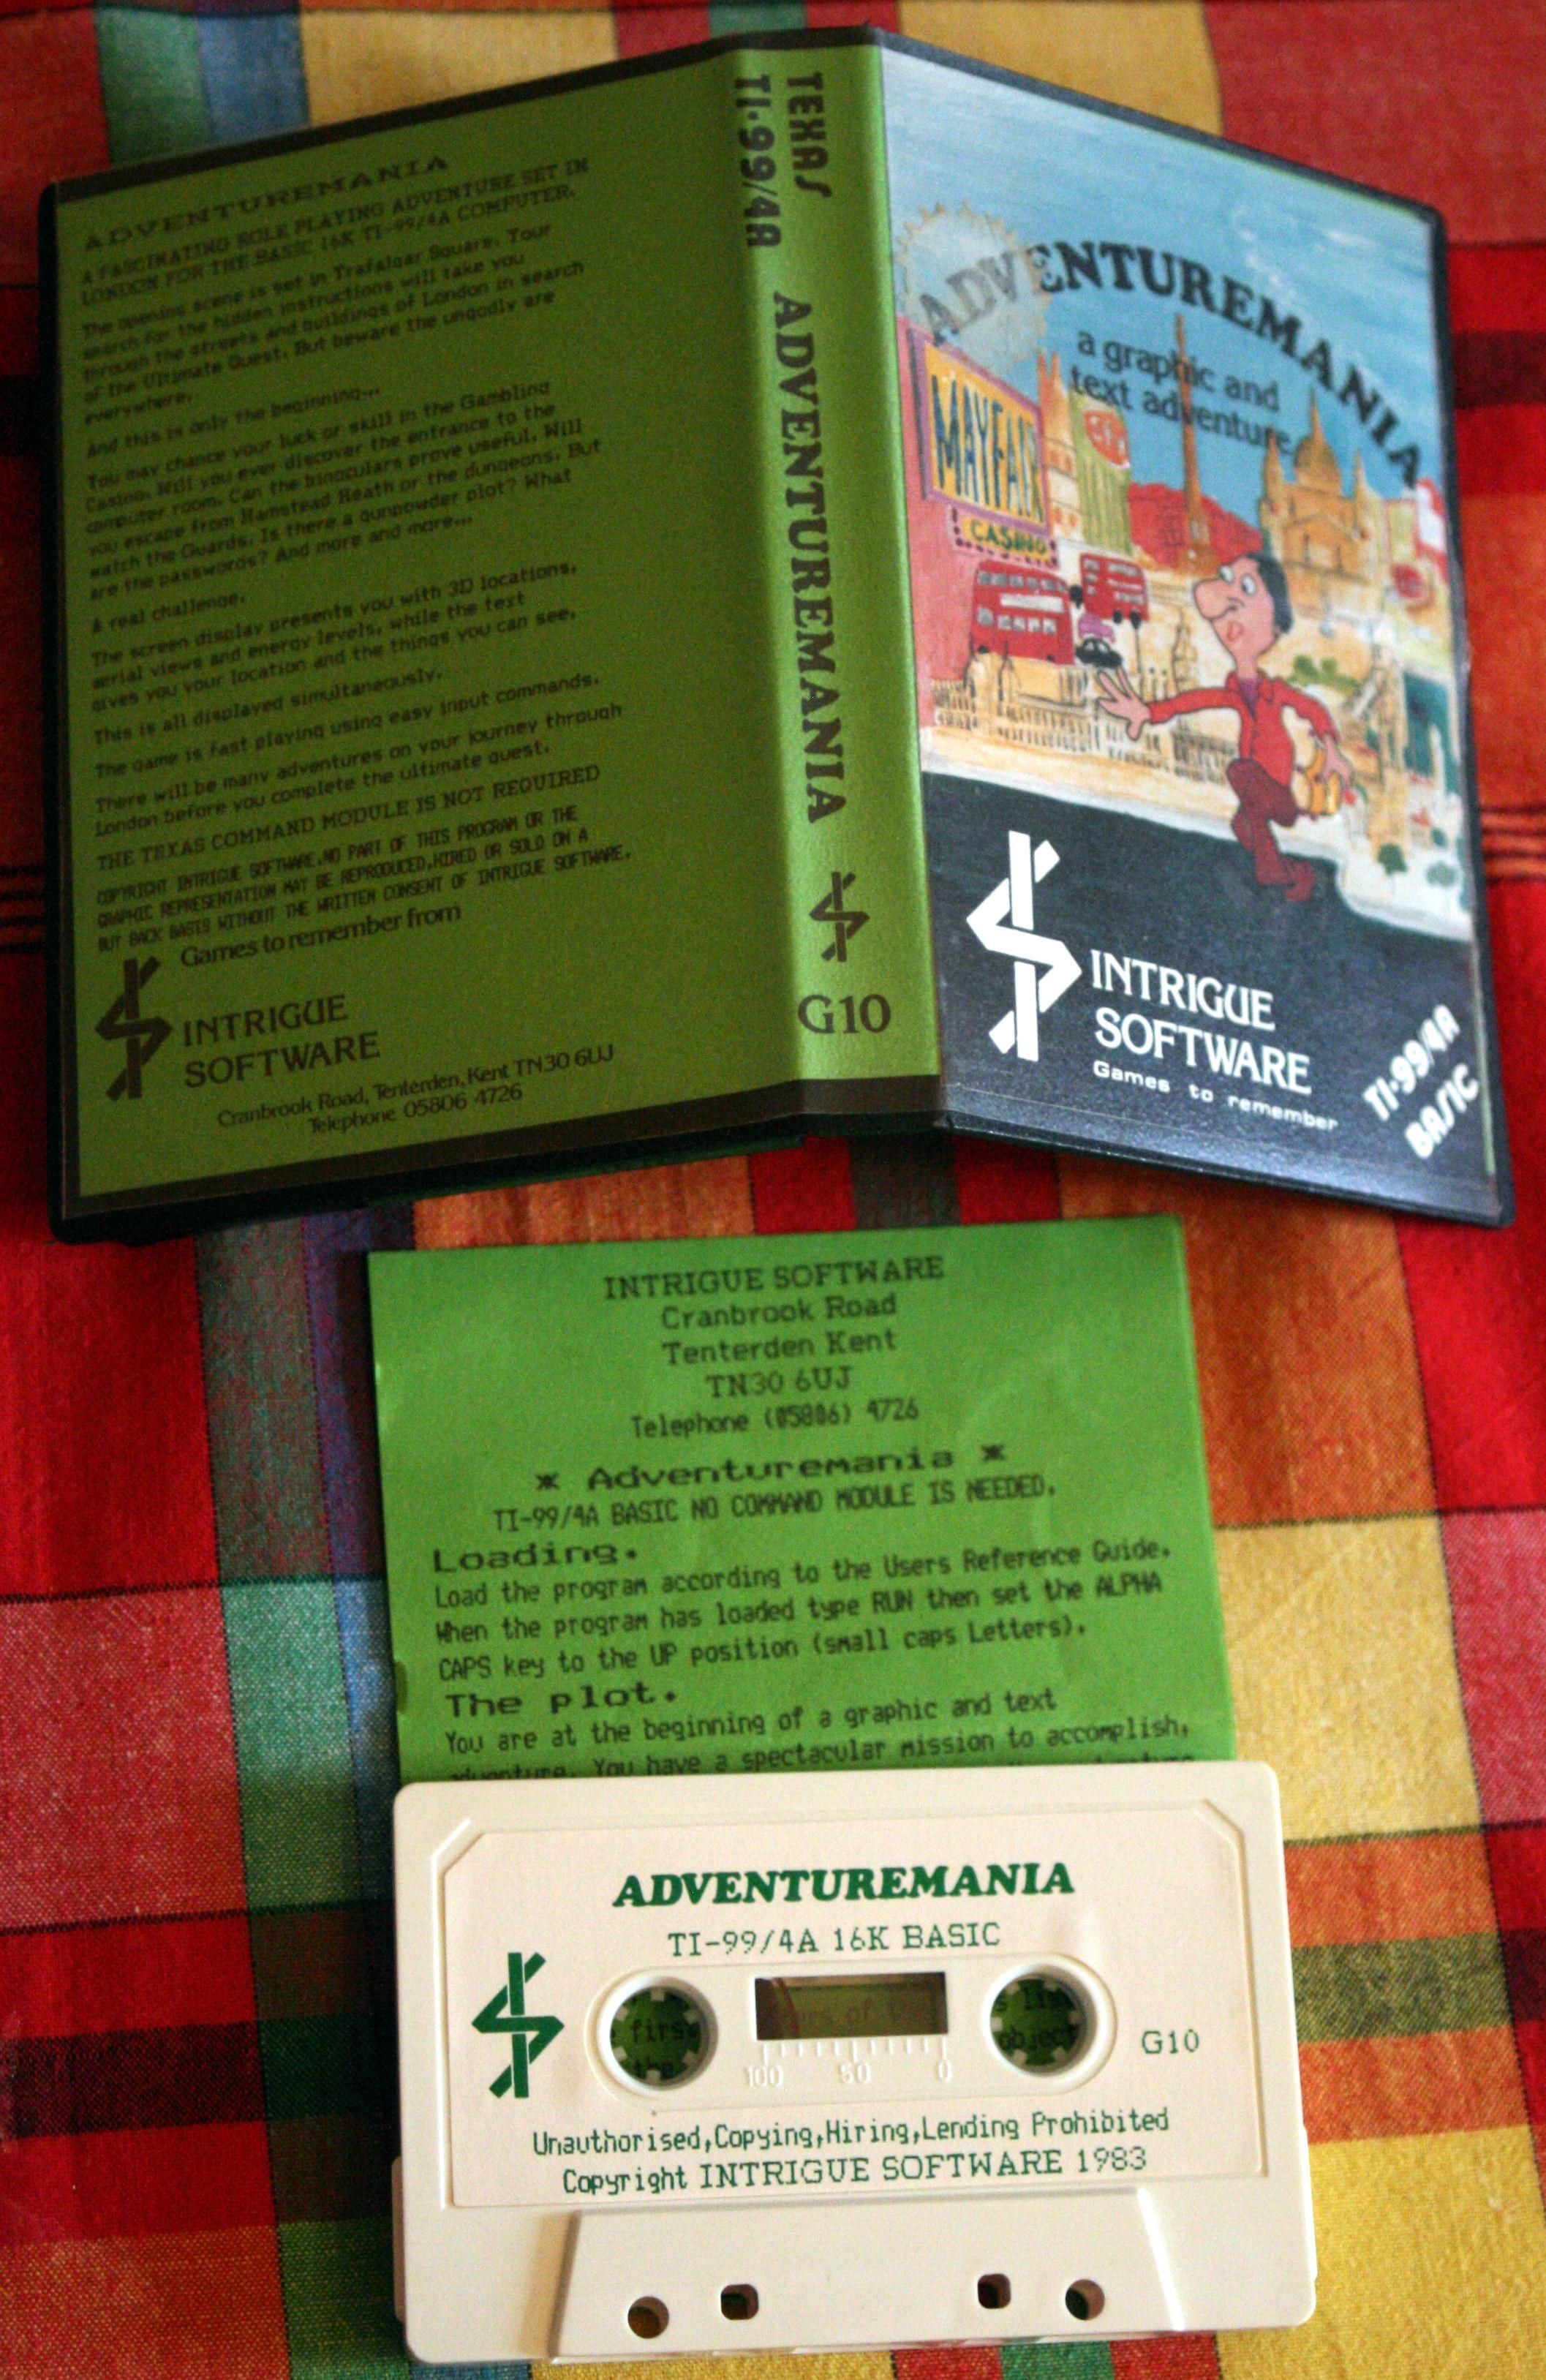 Adventuremania